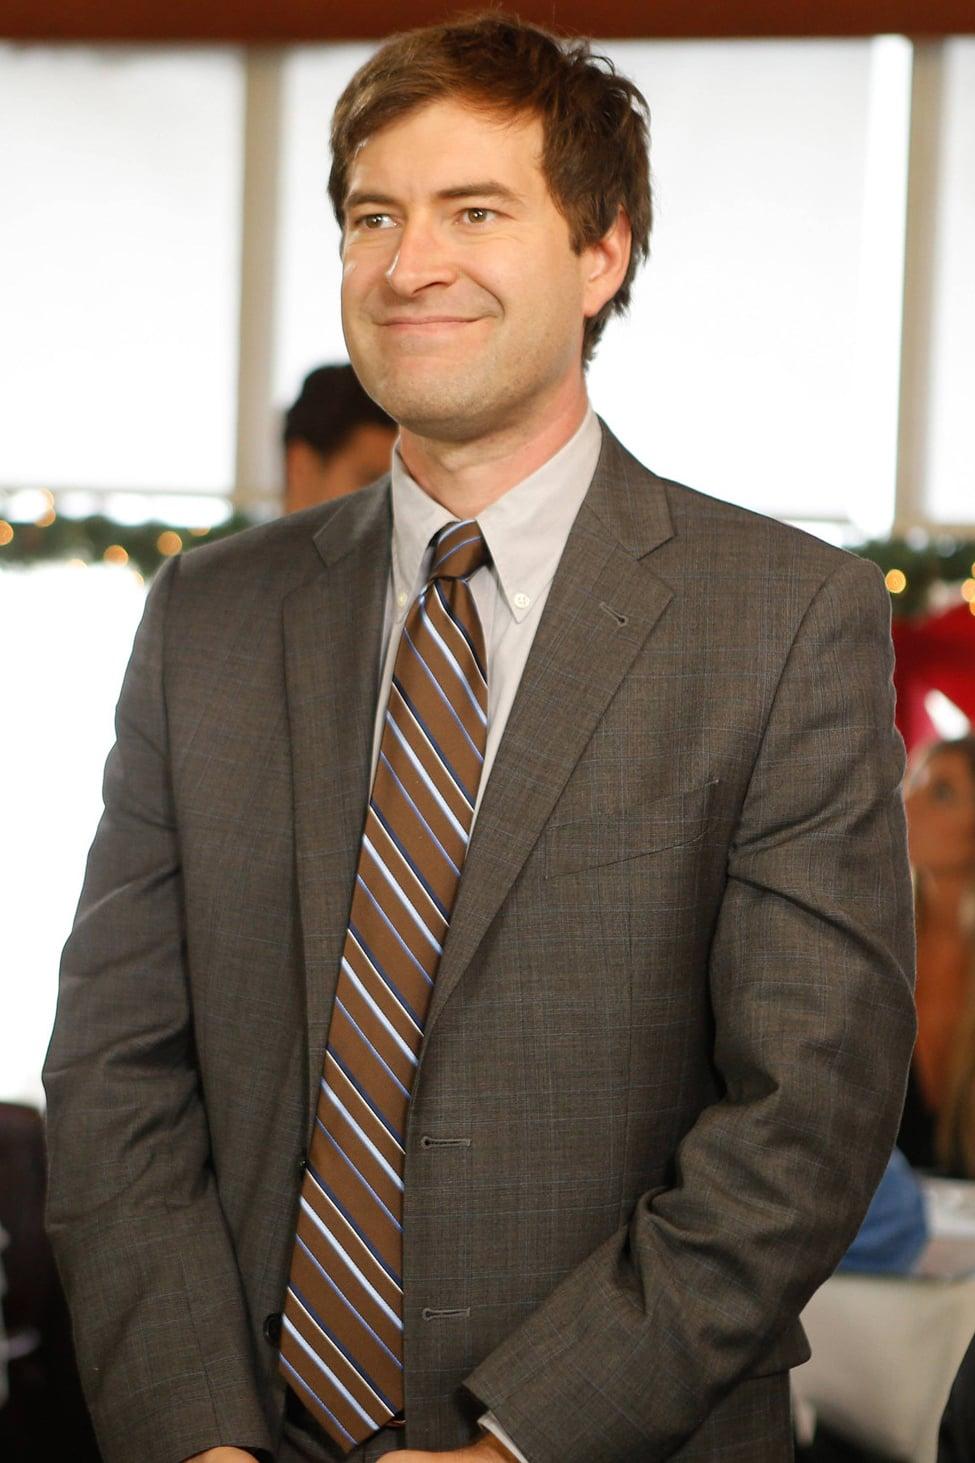 Pete, The League